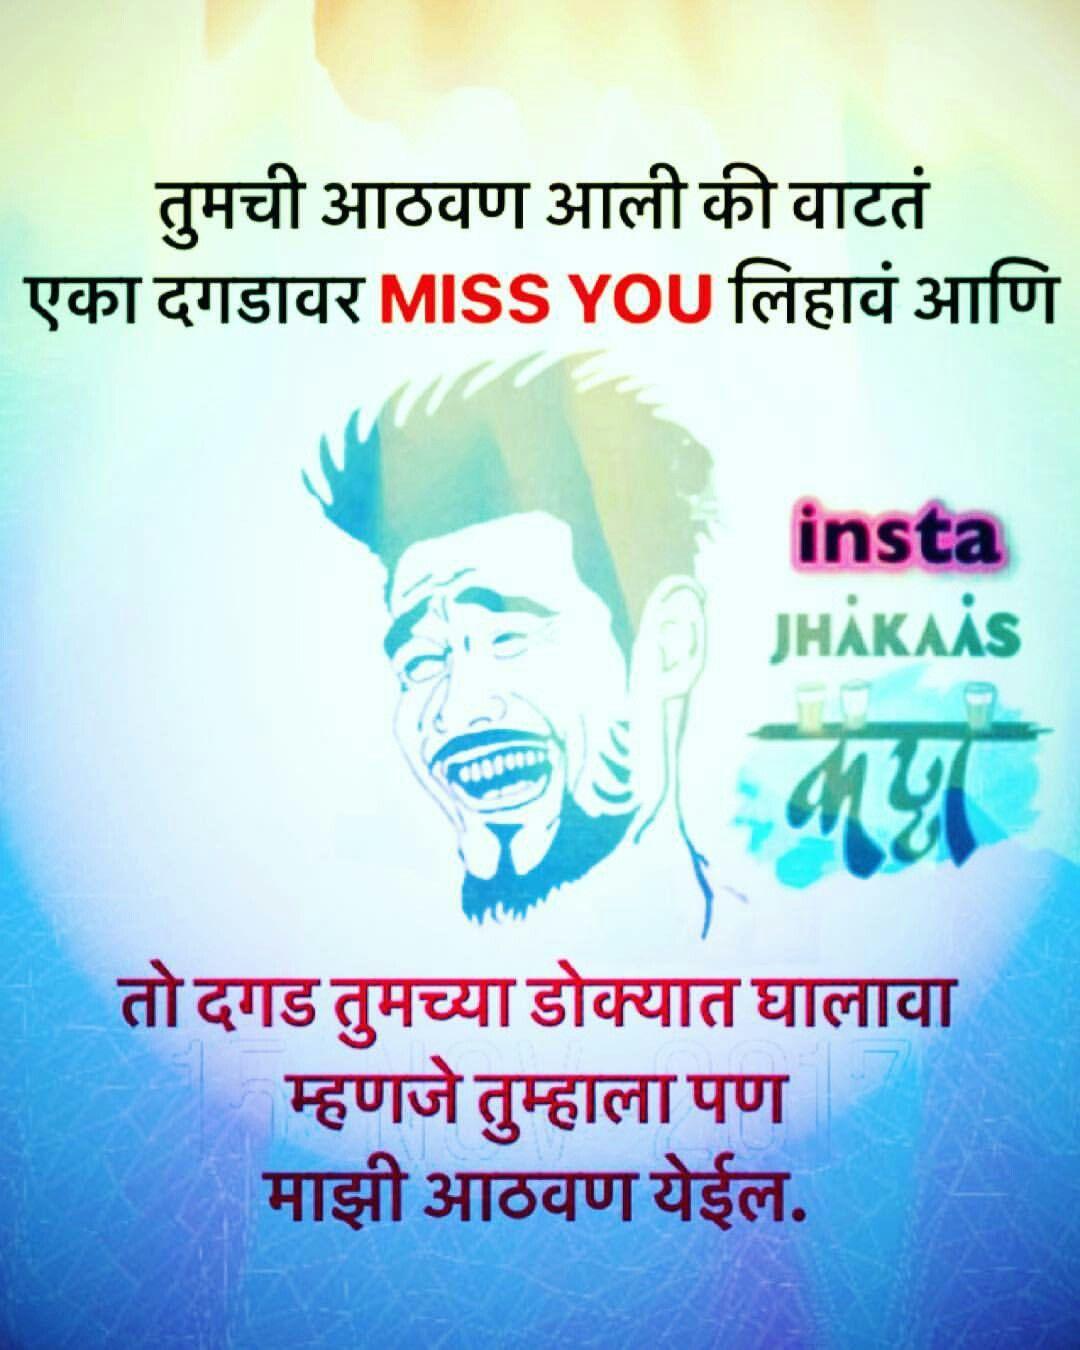 Mayuri Friendship Quotes Attitude Quotes Marathi Quotes